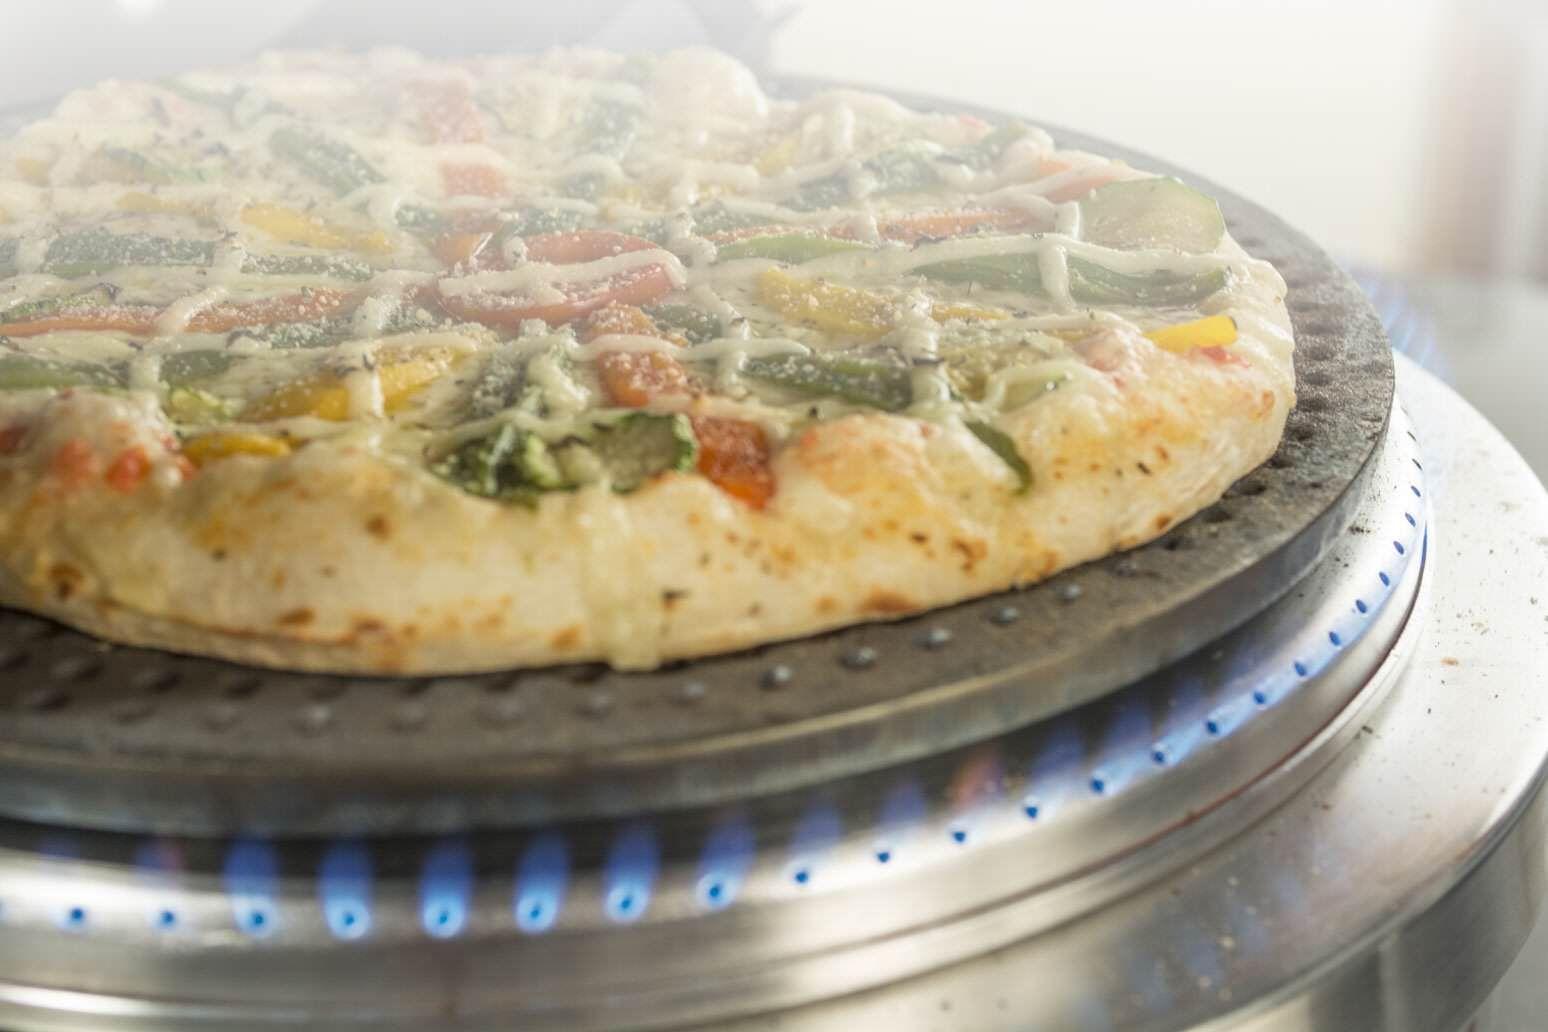 Pizzajet - Fornos a gás Para Pizzas, Massas e Muito mais.